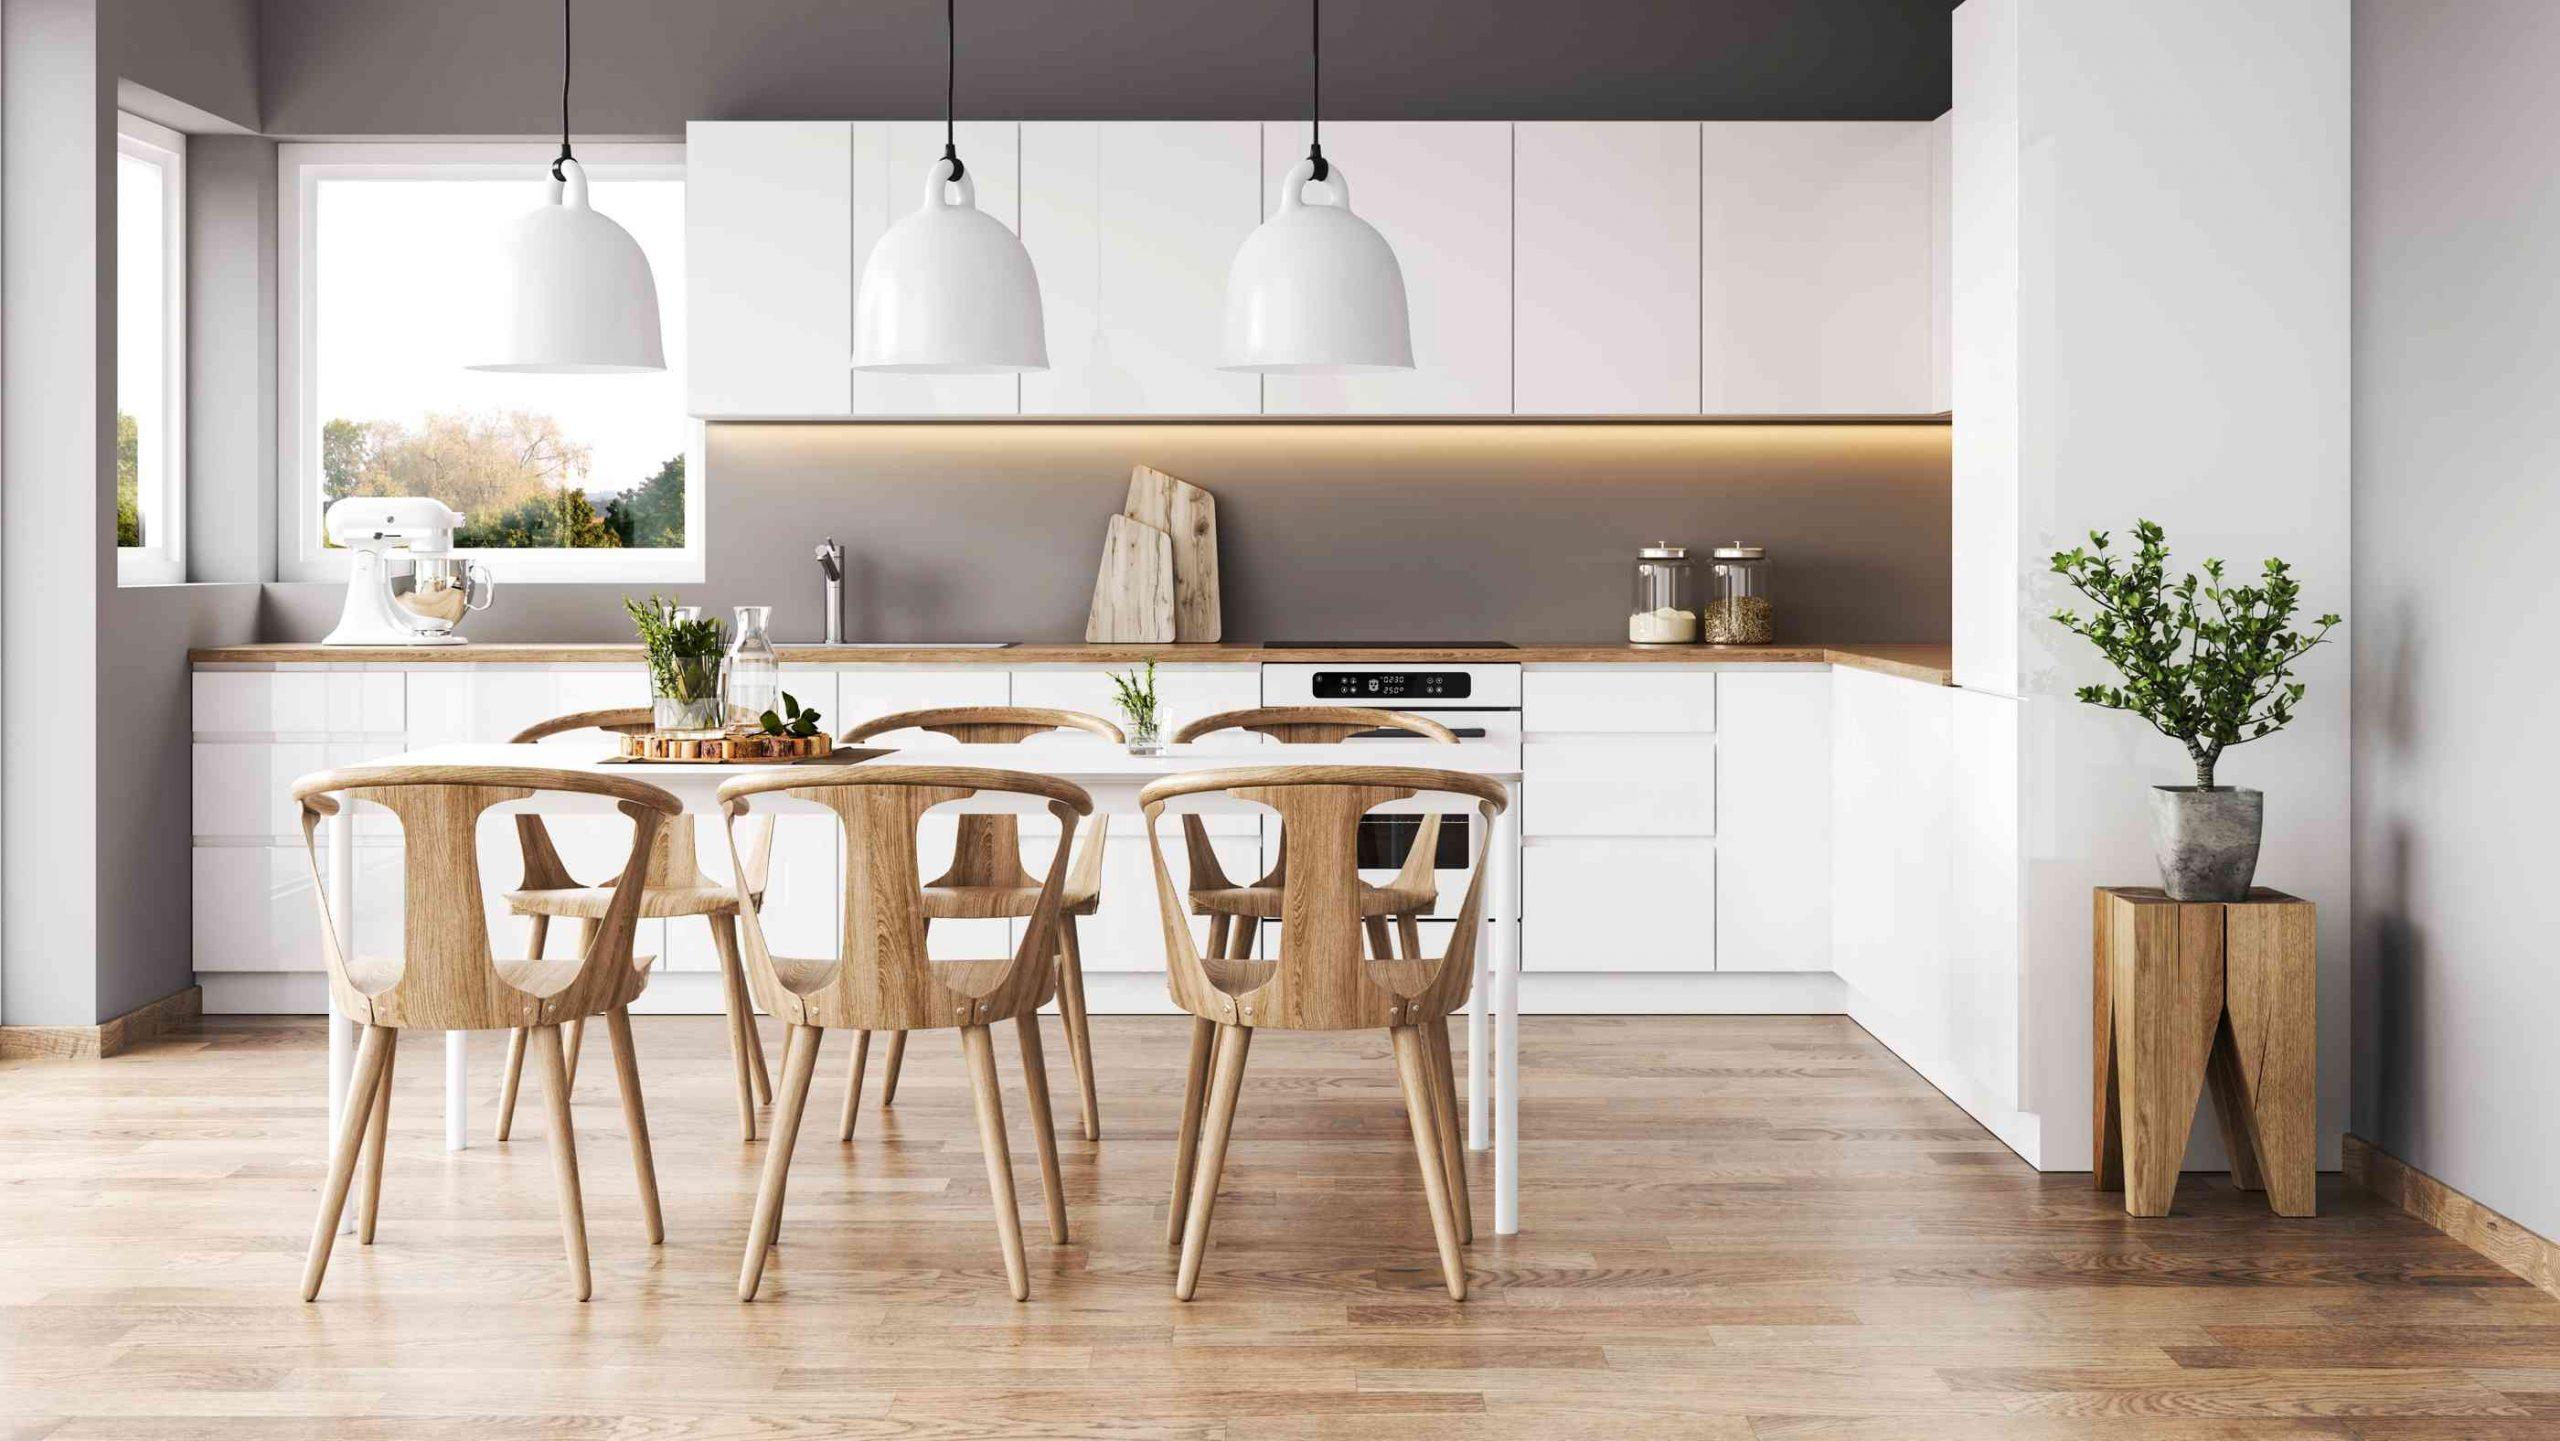 Full Size of Pendelleuchten Küche Kchenbeleuchtung Tipps Fr Optimales Licht In Der Kche Ohne Elektrogeräte Hängeschrank Höhe Holzküche Küchen Regal Lüftung Küche Pendelleuchten Küche